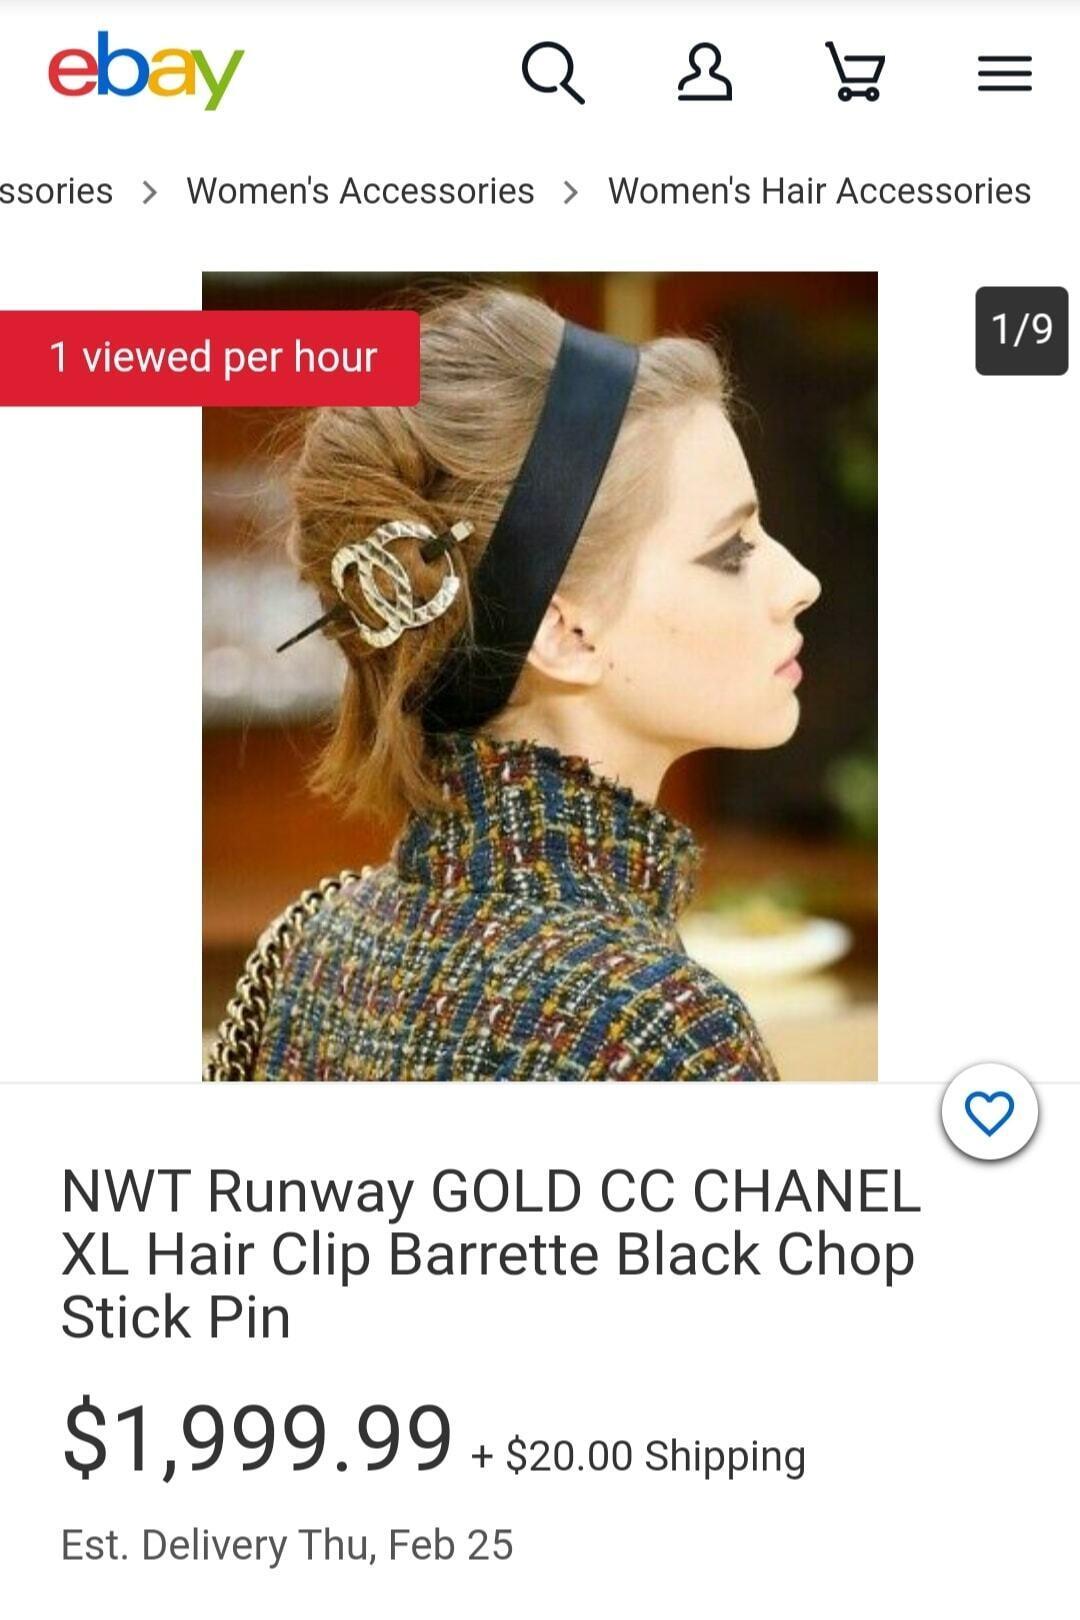 Шпилька Chanel за $2 тисячі.